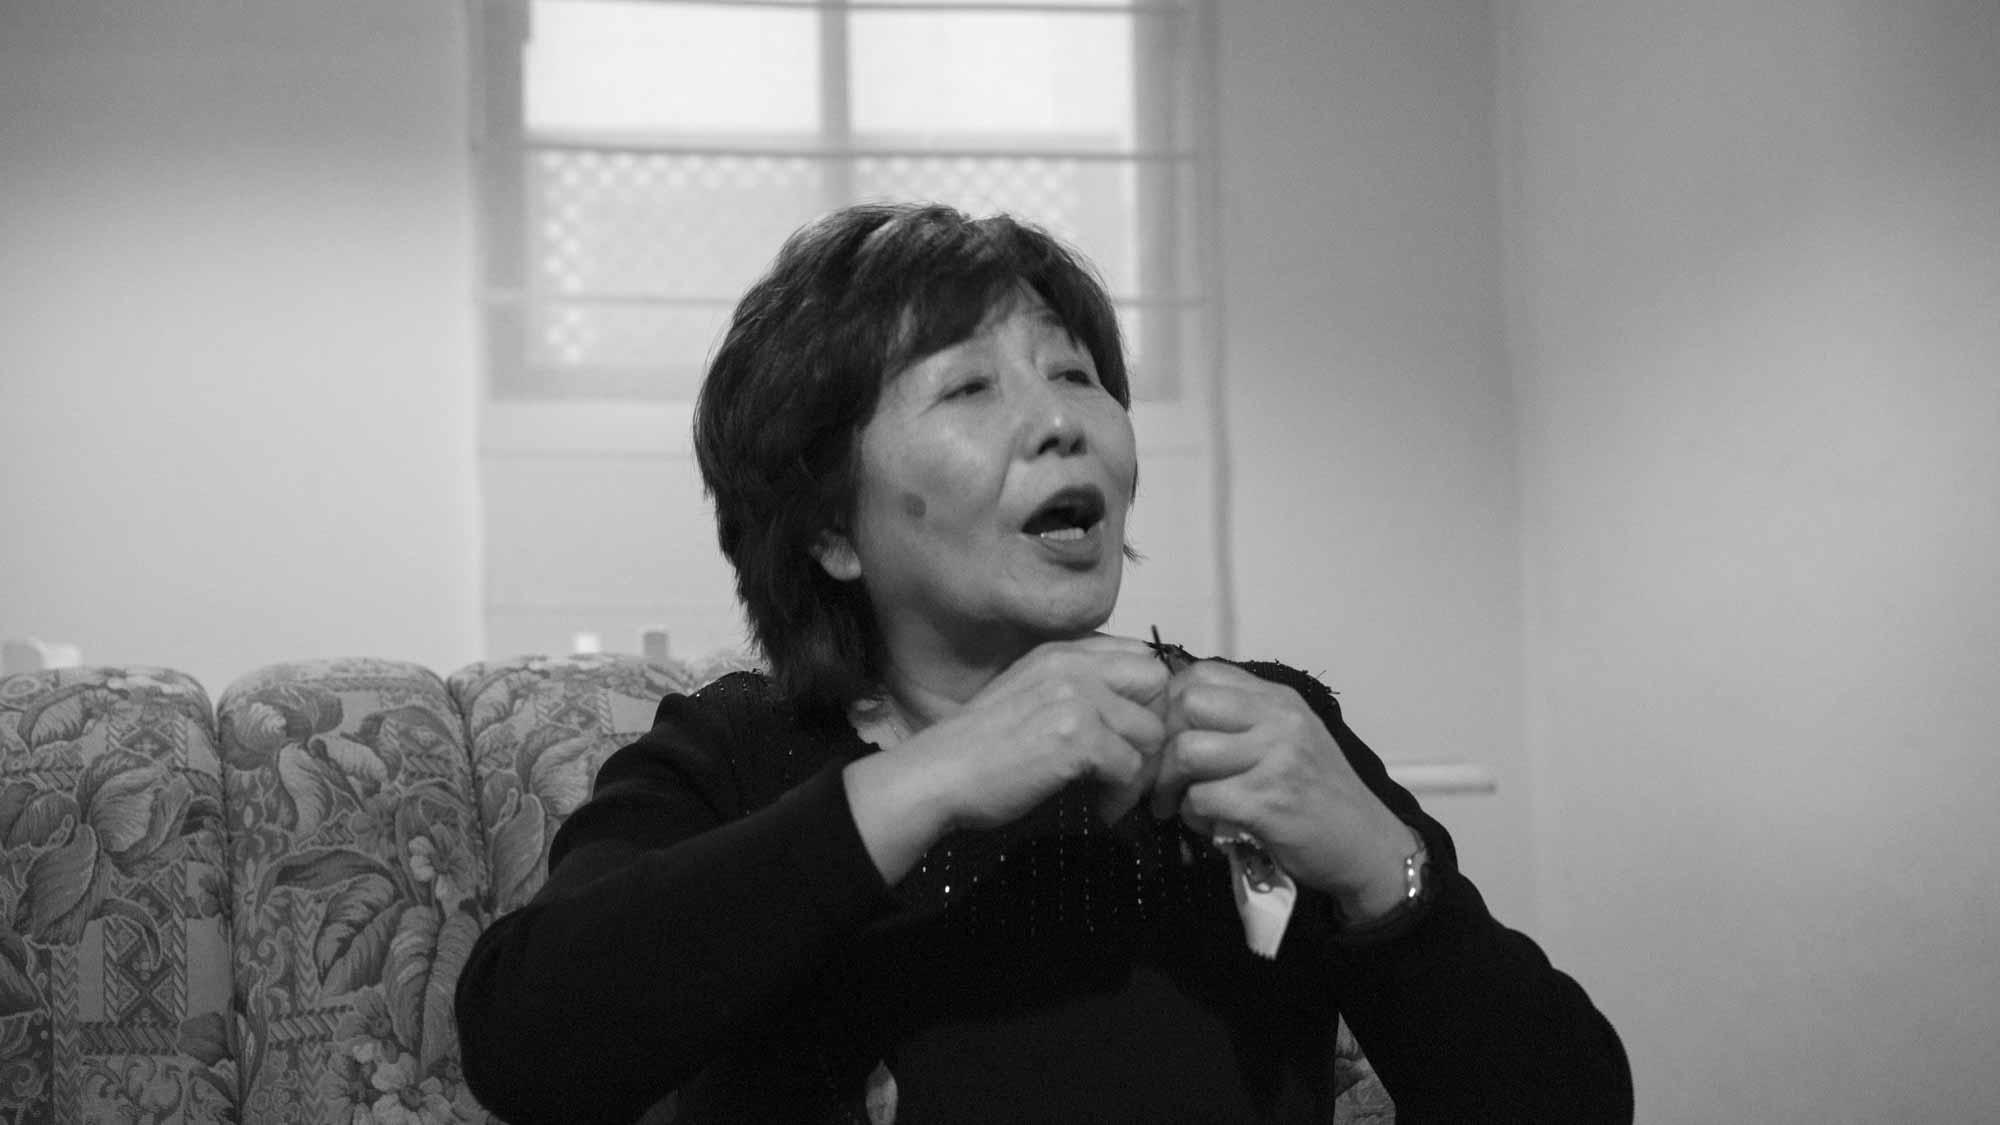 Sumie Nakamura